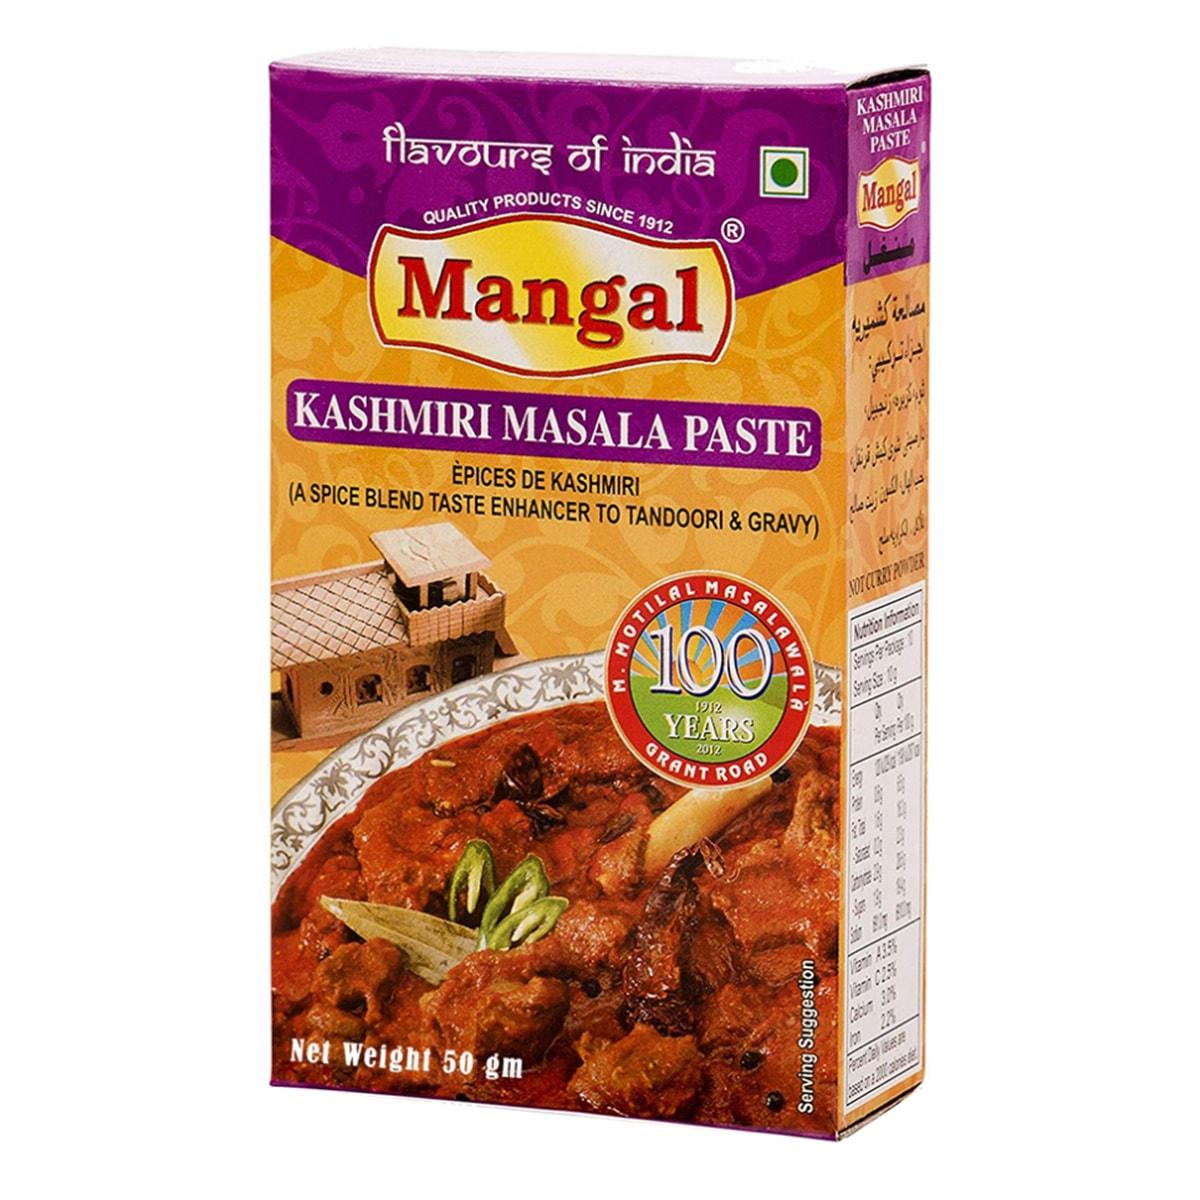 Buy Mangal Kashmiri Masala Paste - 50 gm